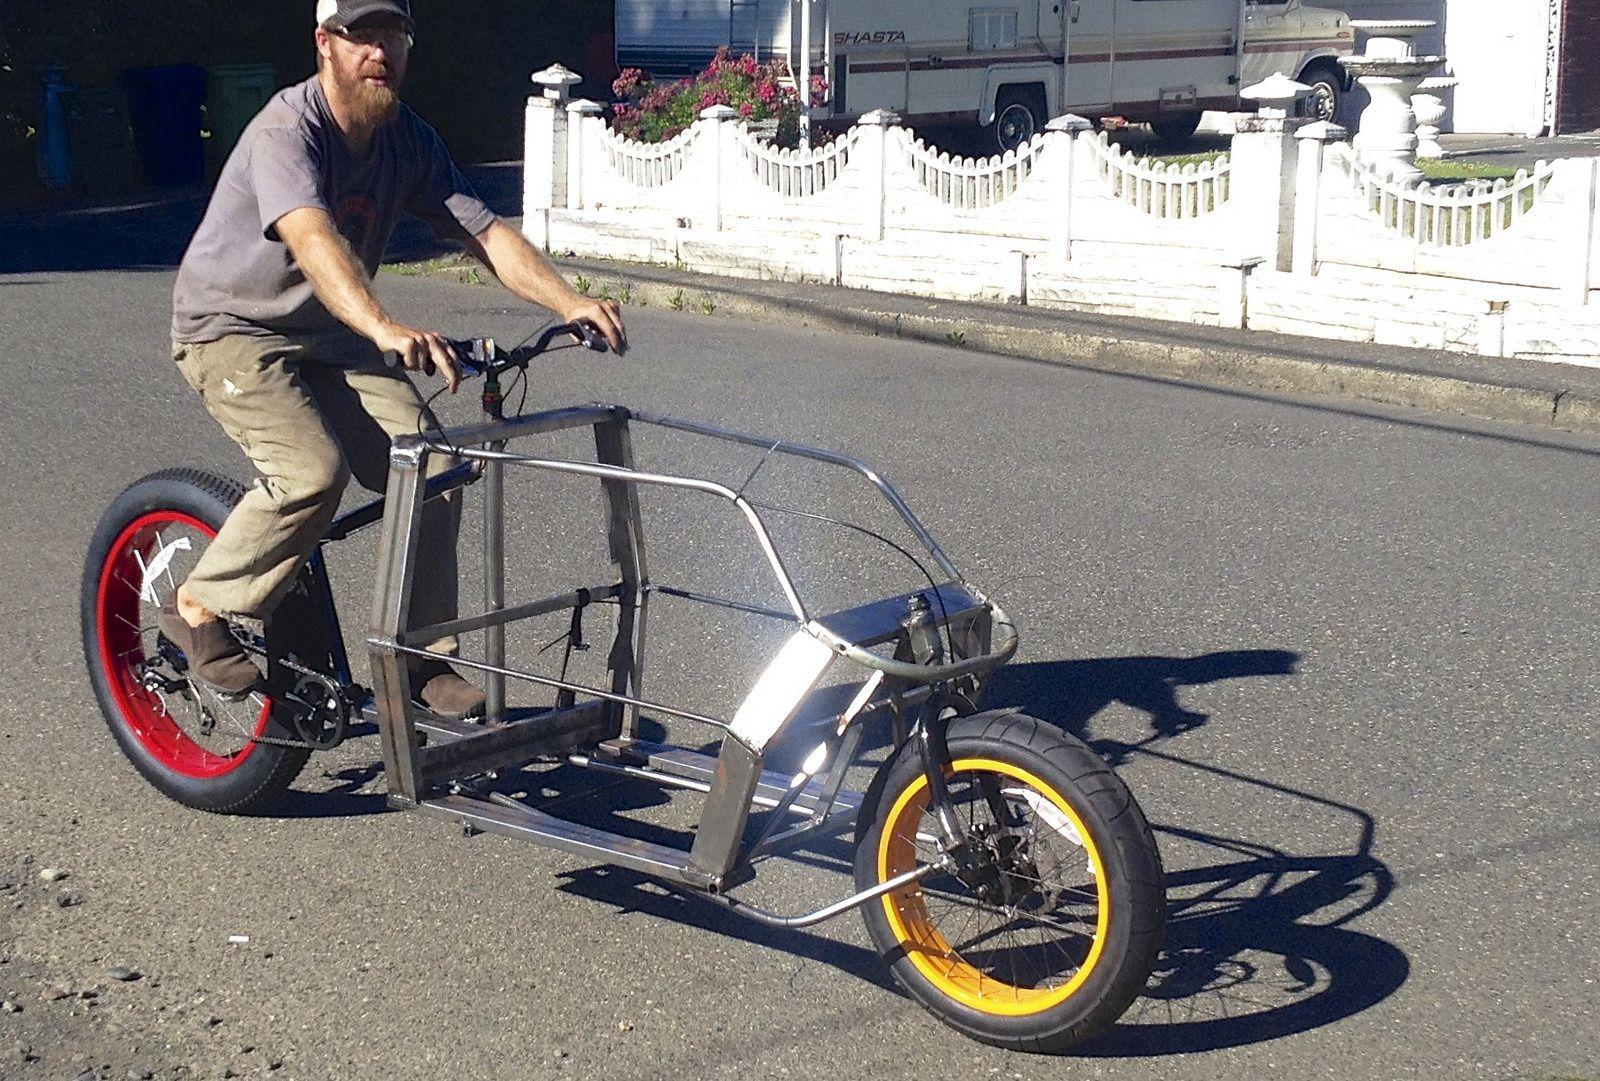 The Apocalypse Rider Transport Fahrrad Lastenfahrrad Und Fahrrad